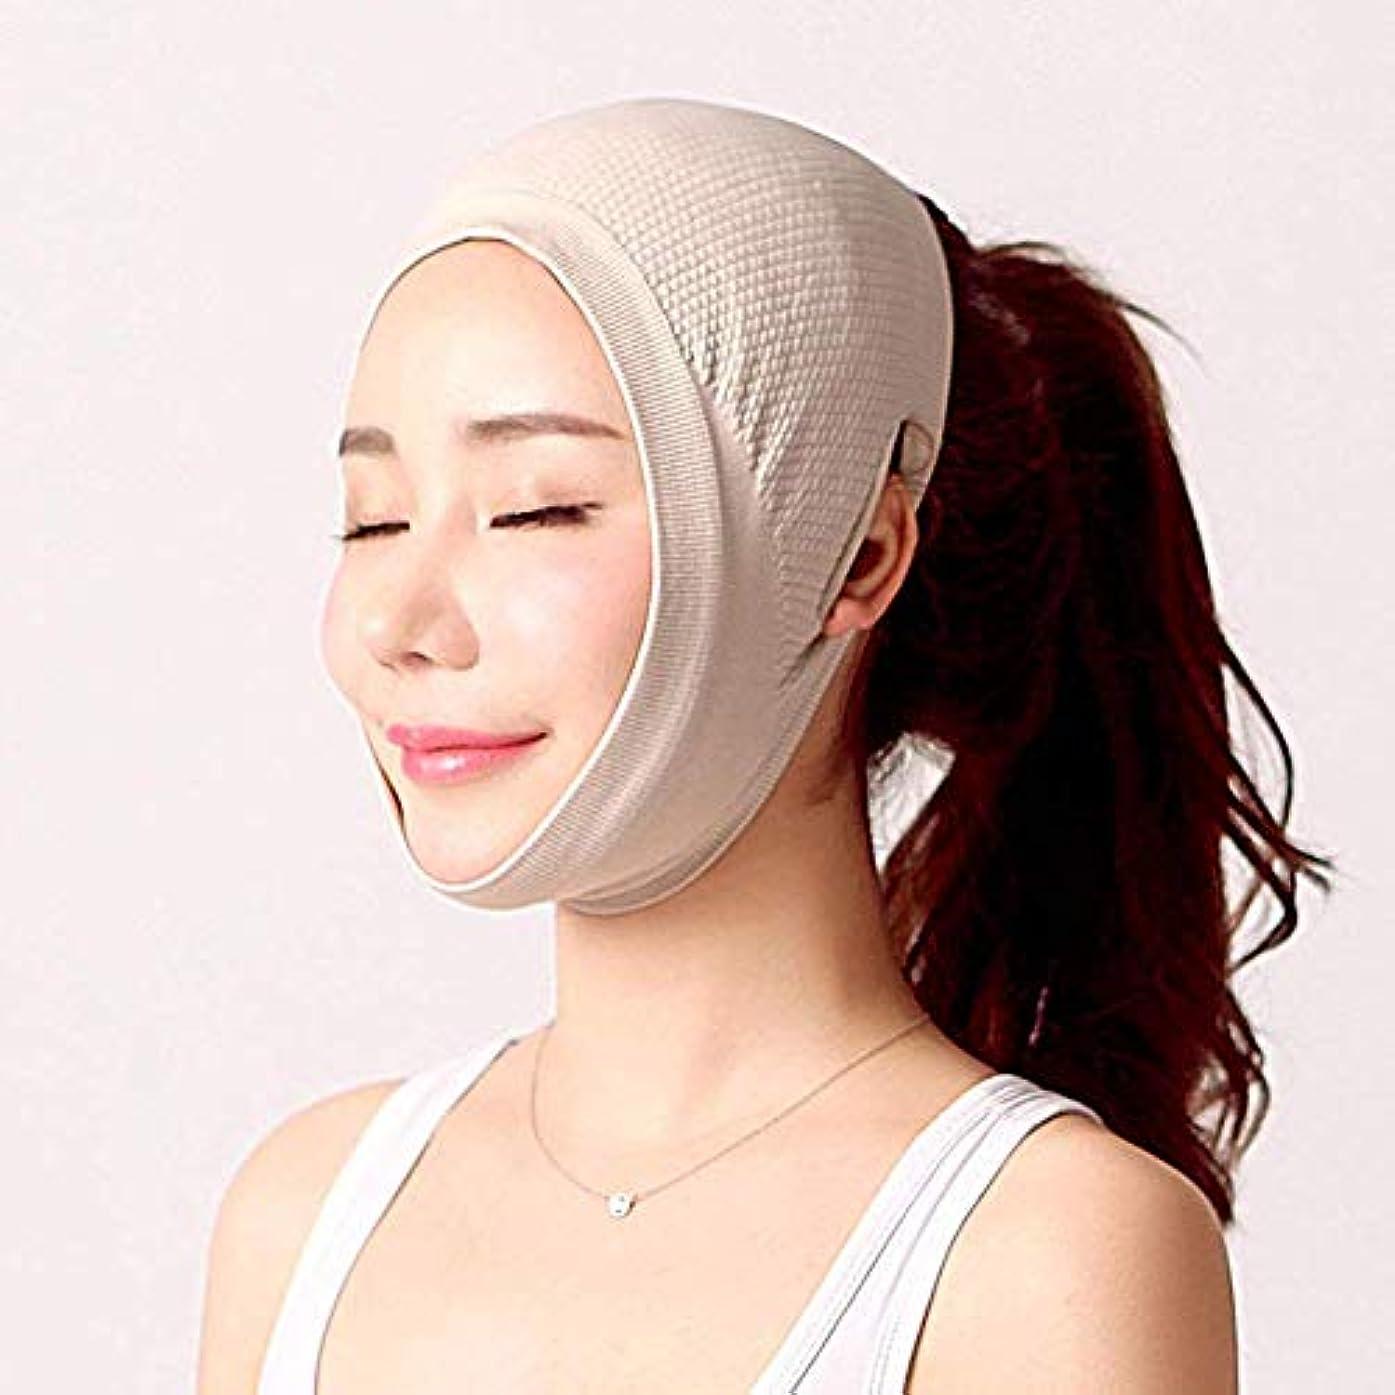 ロマンチック針マラウイフェイスリフトマスク、Vリフトフェイスフェイスリフト包帯痩身あご頬マスク顔/Vフェイスラインフルフェイス痩身/二重あご通気性